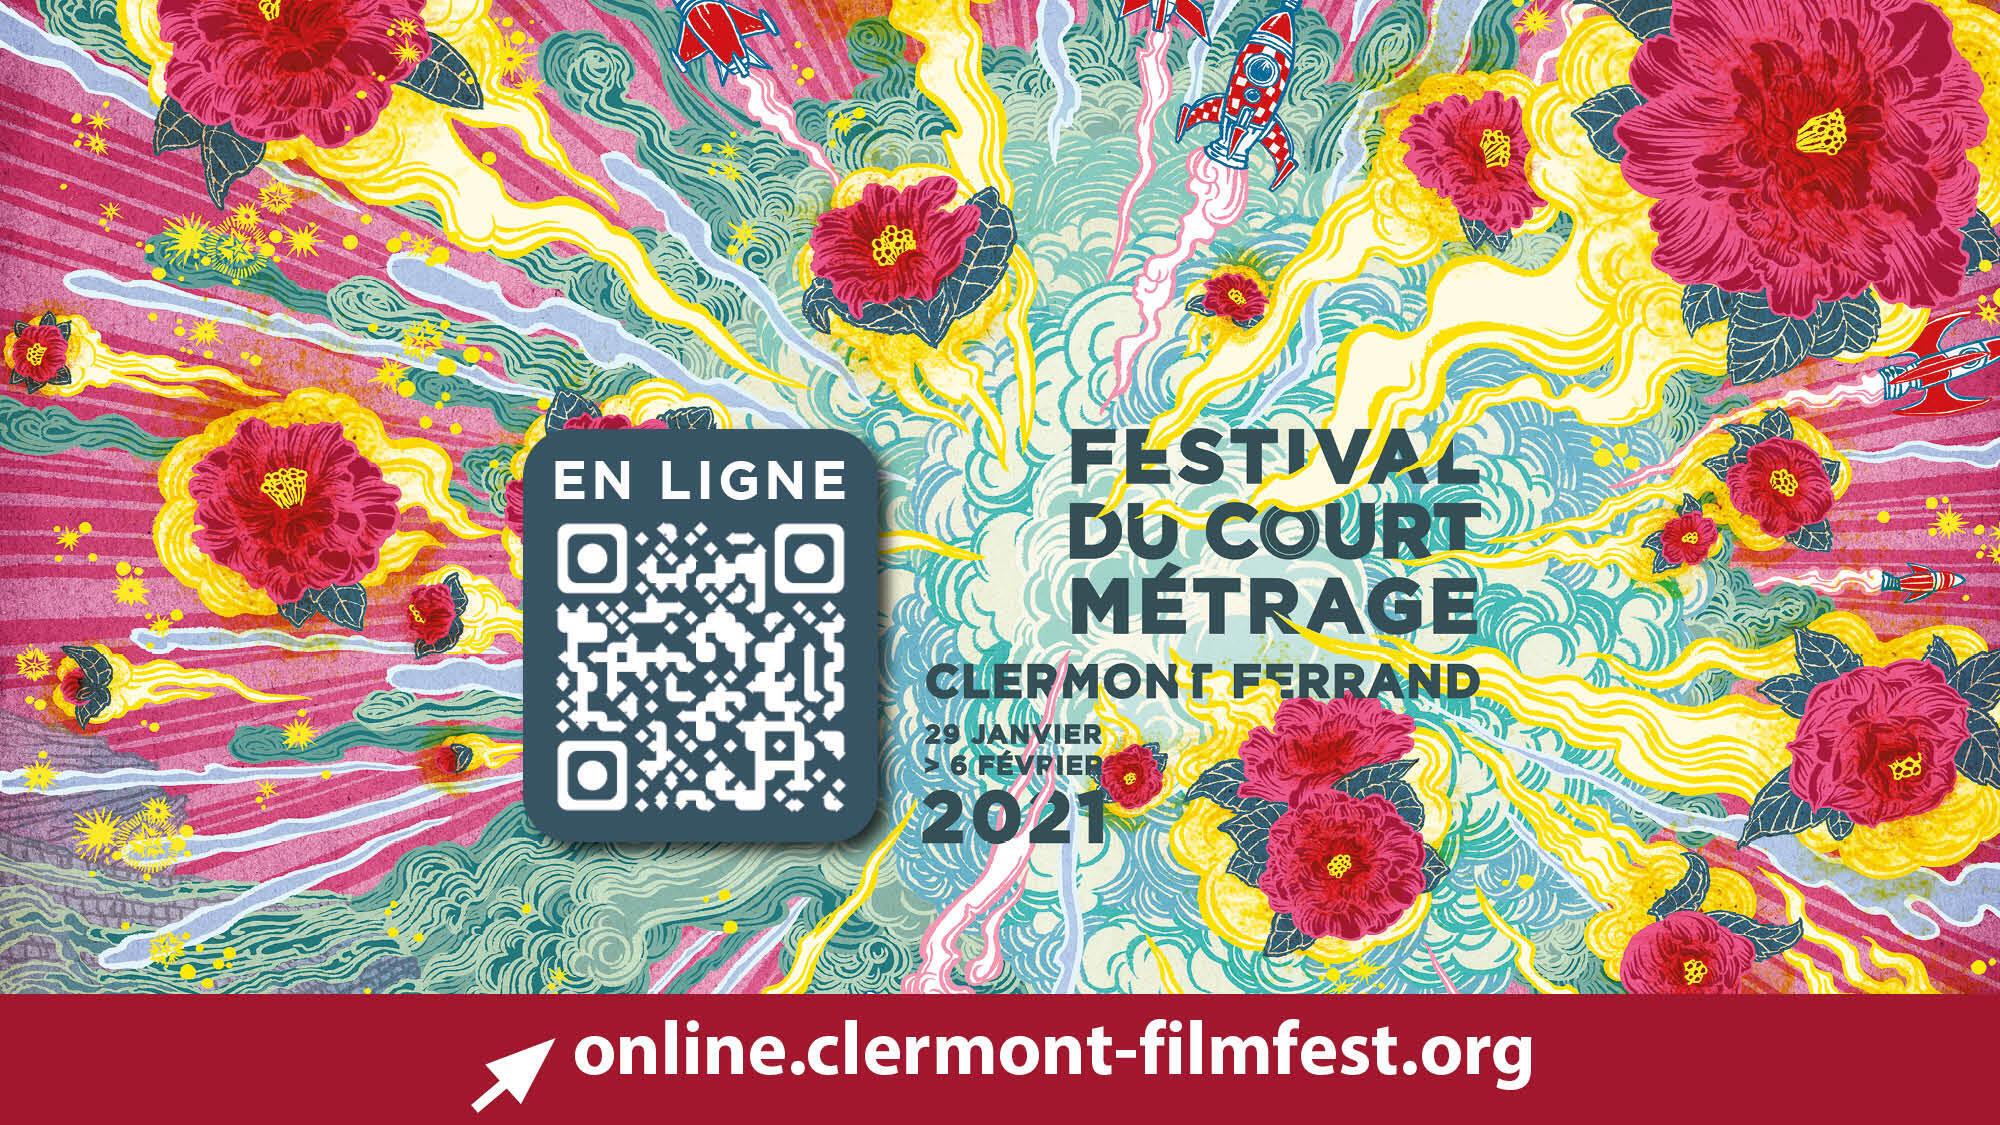 L'affiche de l'édition 2021 du Festival international du court métrage à Clermont-Ferrand.   © Yuko Shimizu